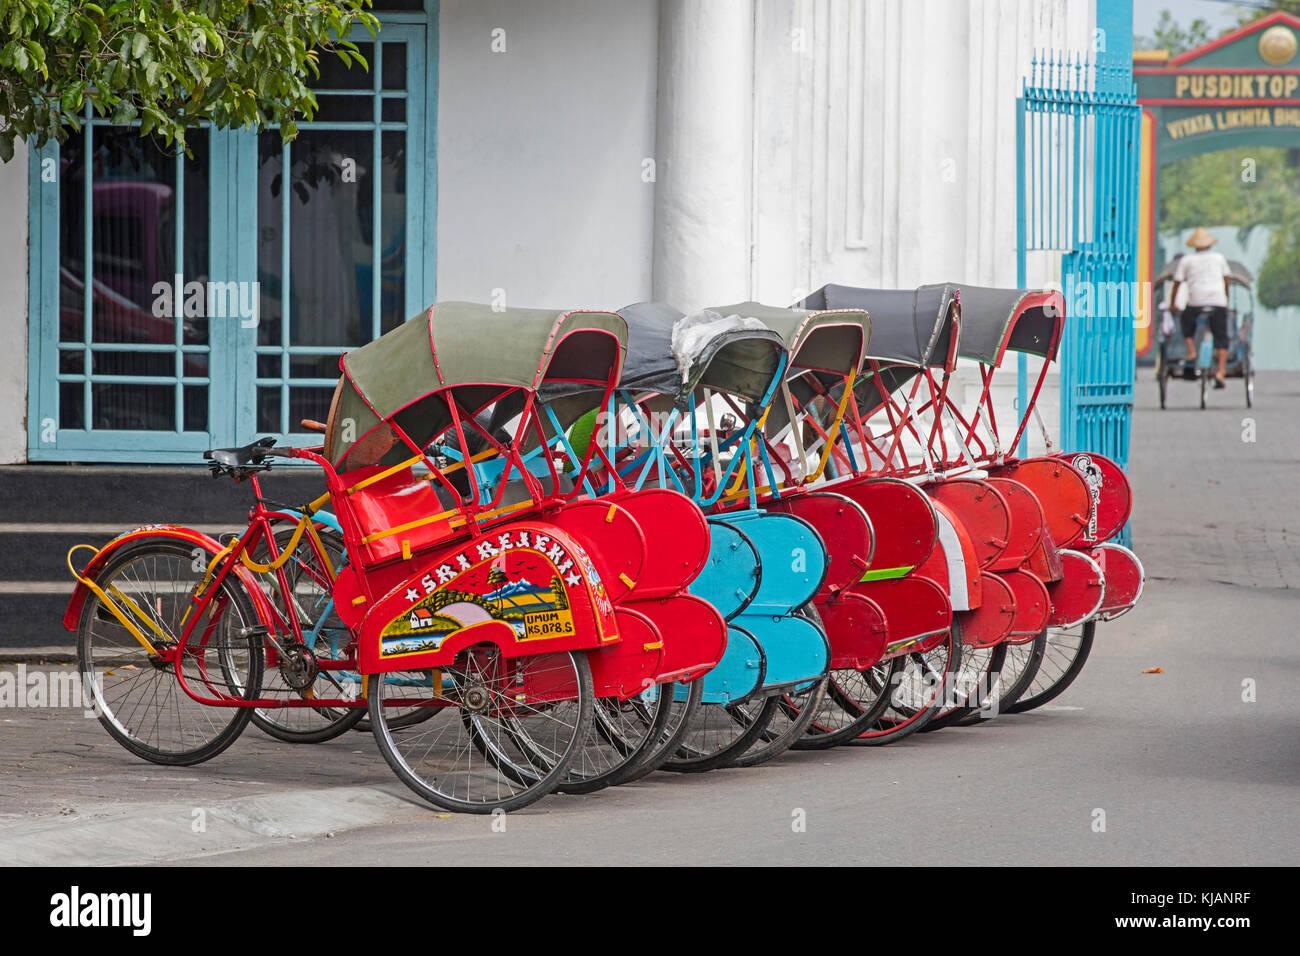 Vélos-pousse / becaks pour les transports publics dans la ville surakarta / solo, le centre de Java, Indonésie Photo Stock